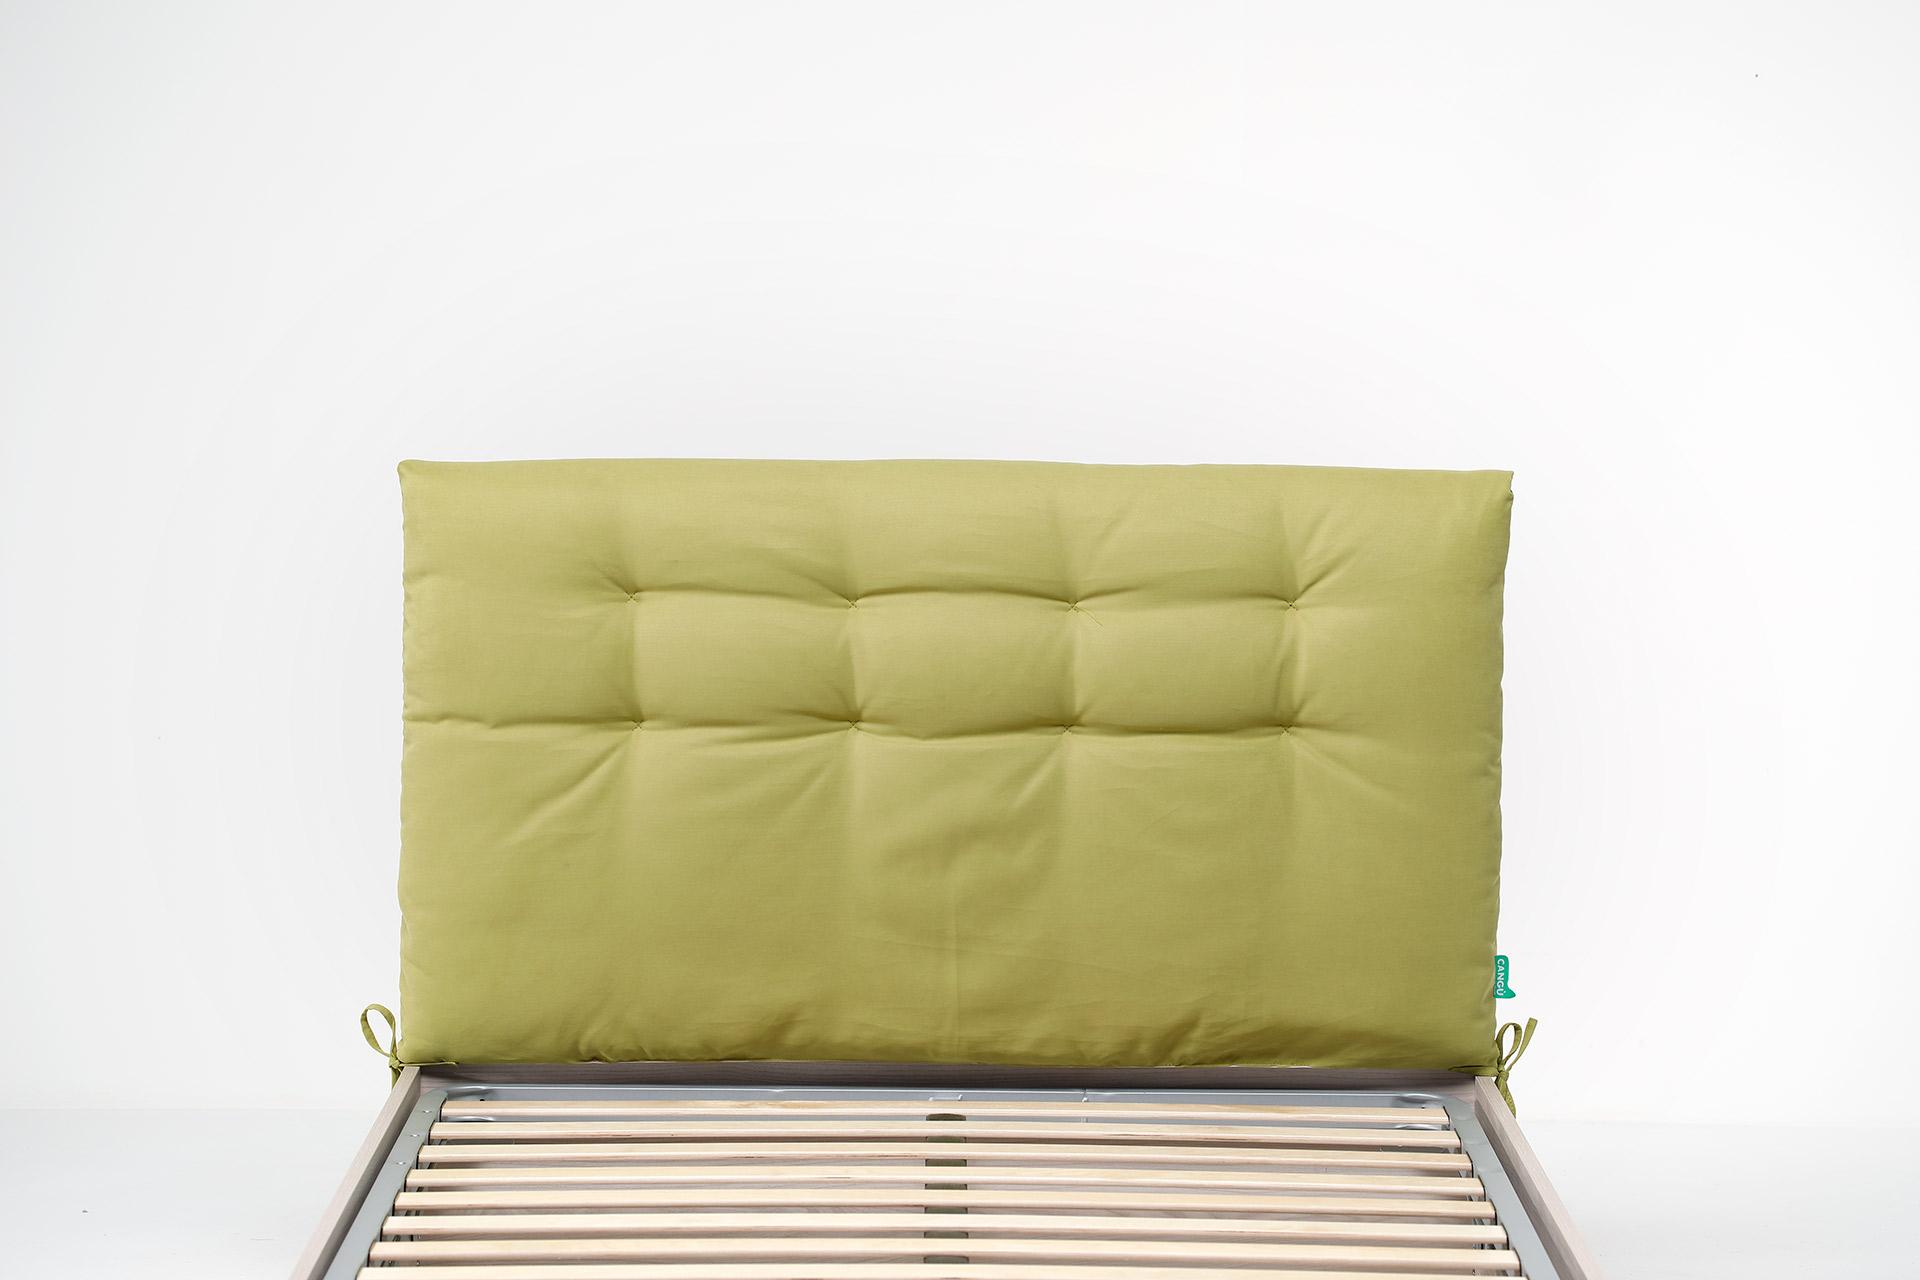 Cuscino testata soffice e trapuntato del letto contenitore di larghezza 120 - Cuscino testata letto ...